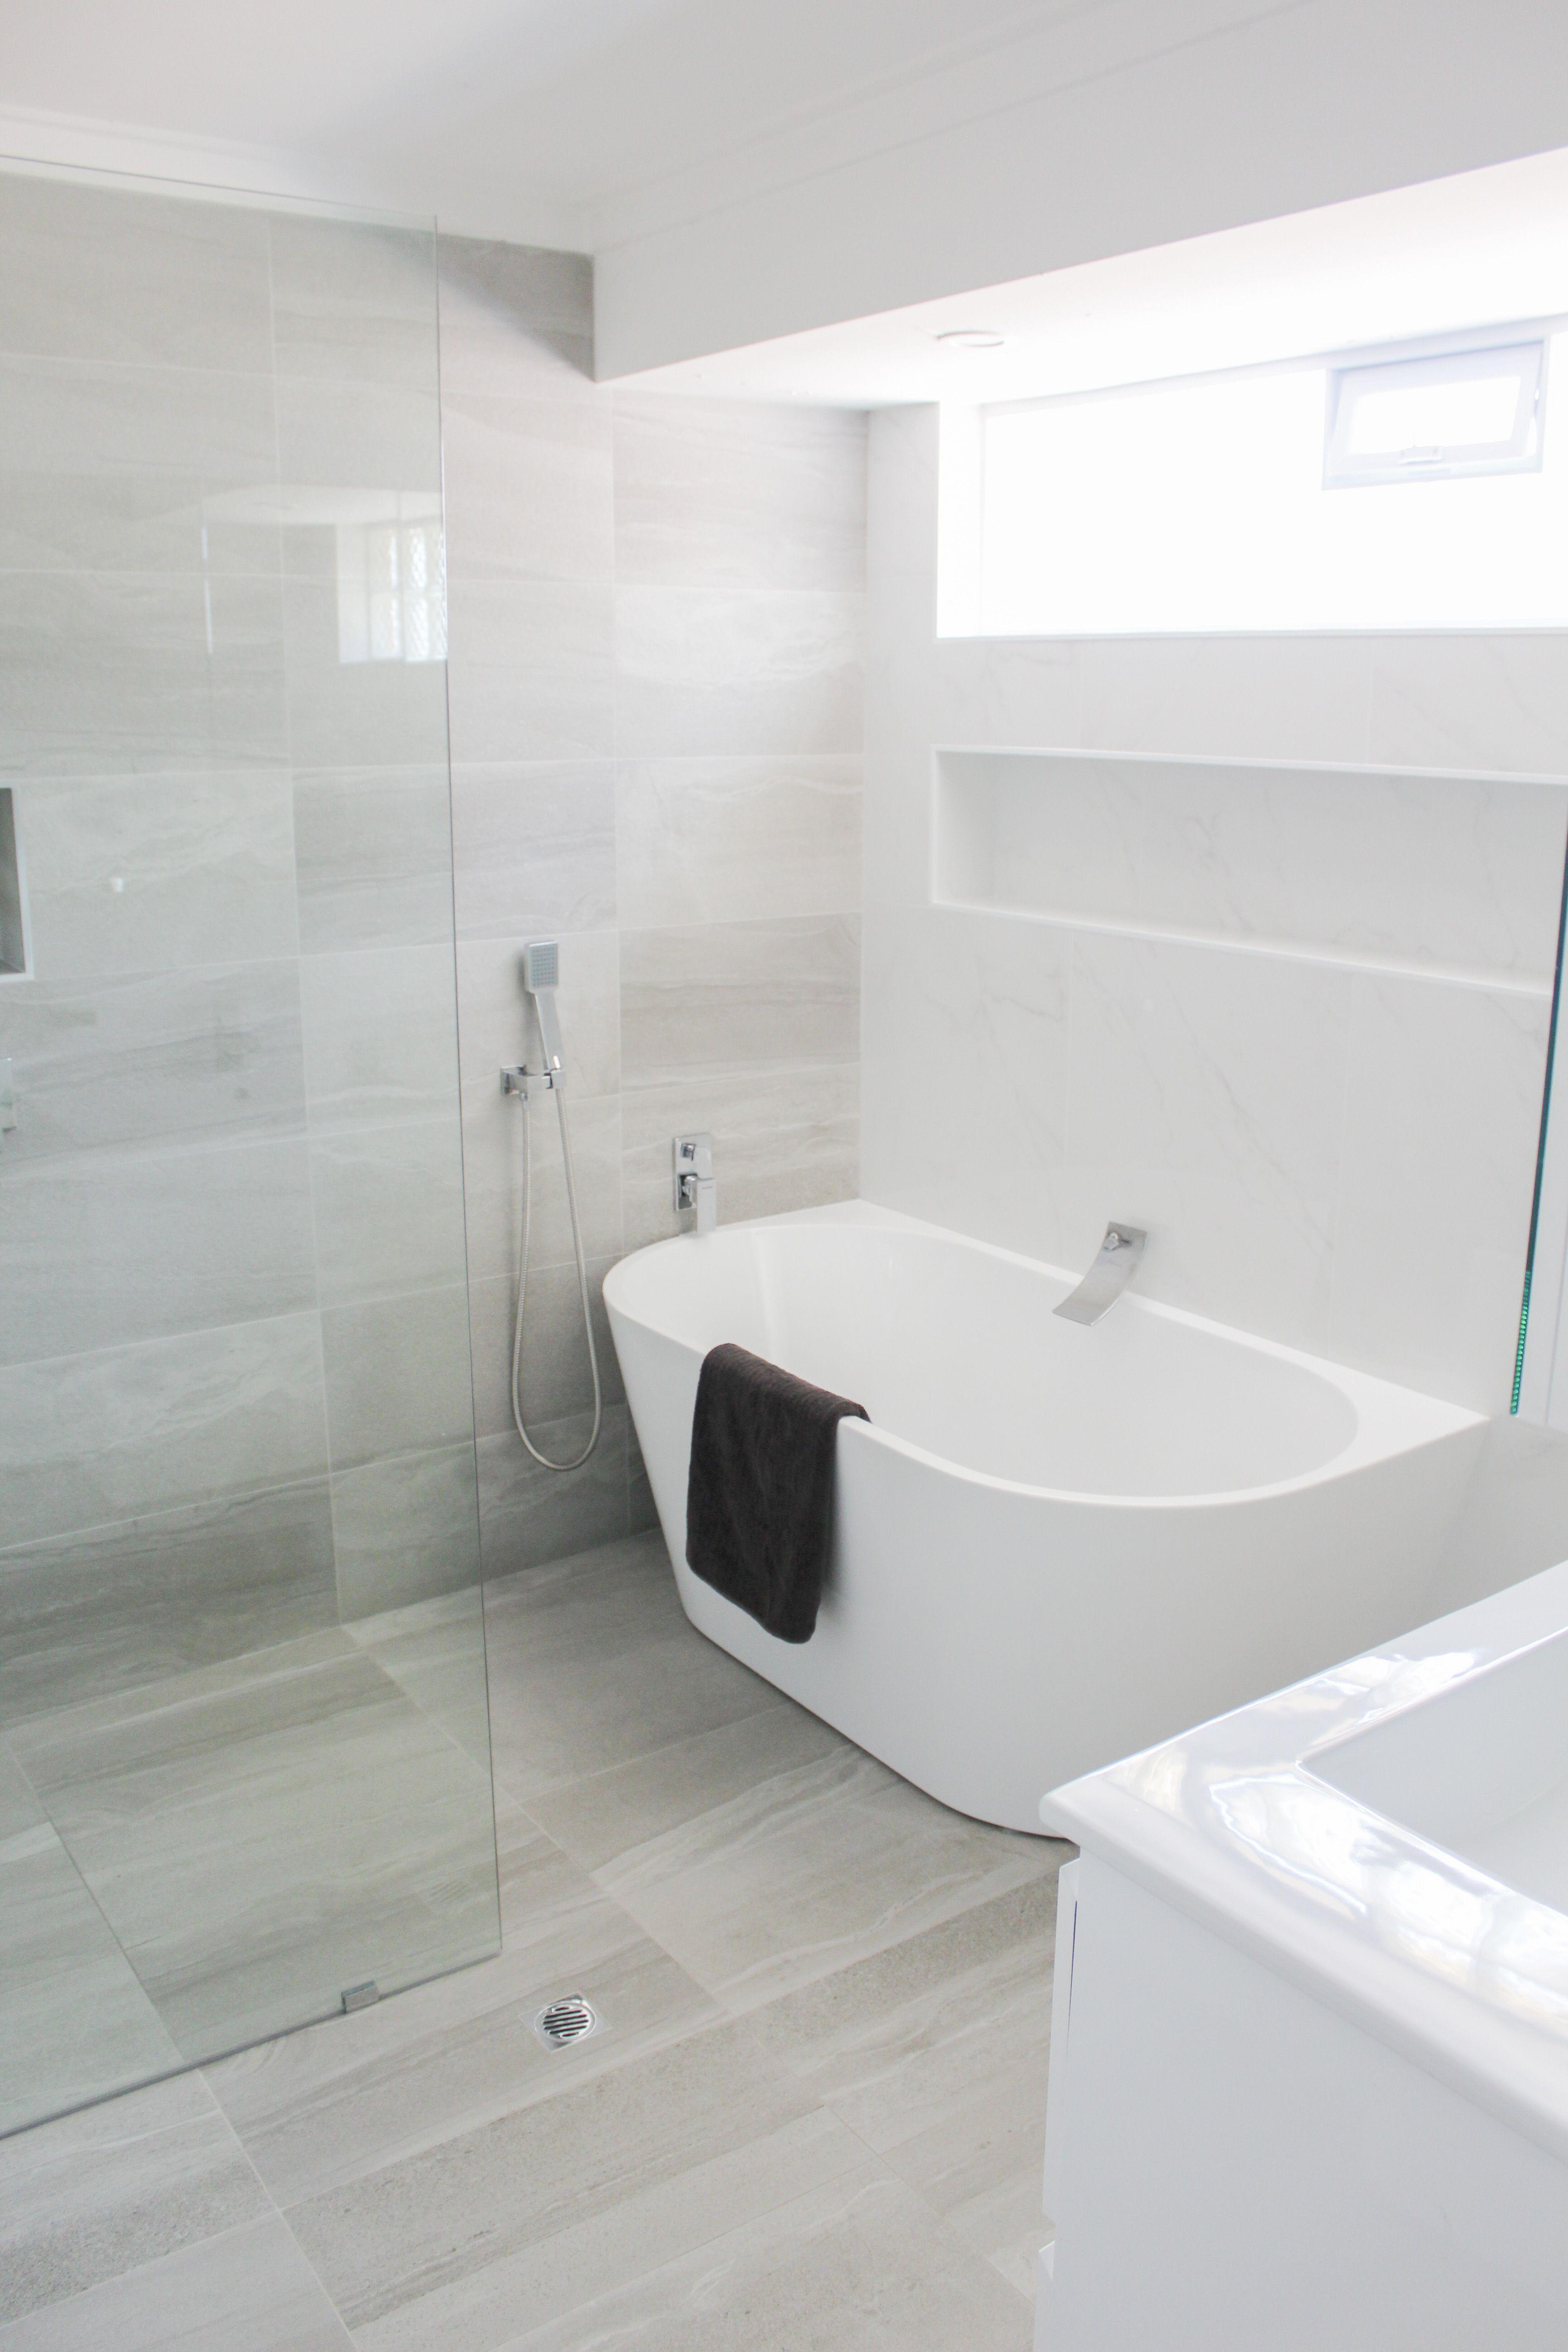 Walk In Wet Room Designs: Wet Room Set Up, Walk In Shower, Bath In Shower Area